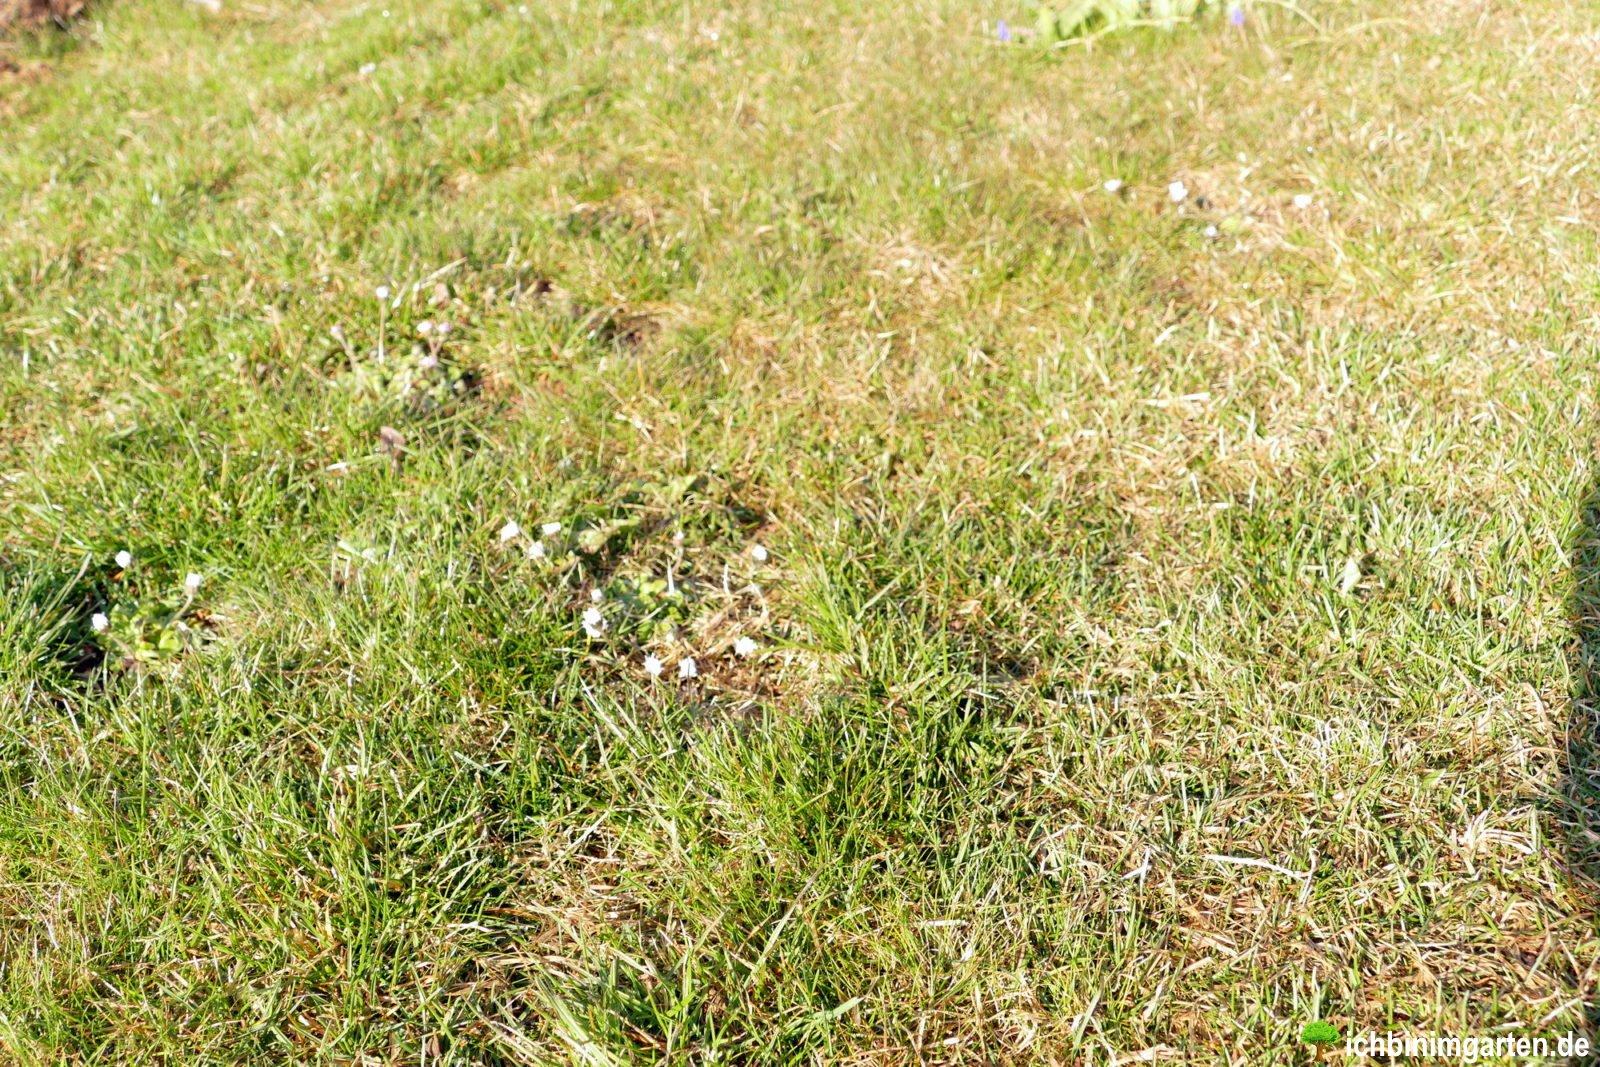 Rasen in Kräuterrasen umwandeln 2